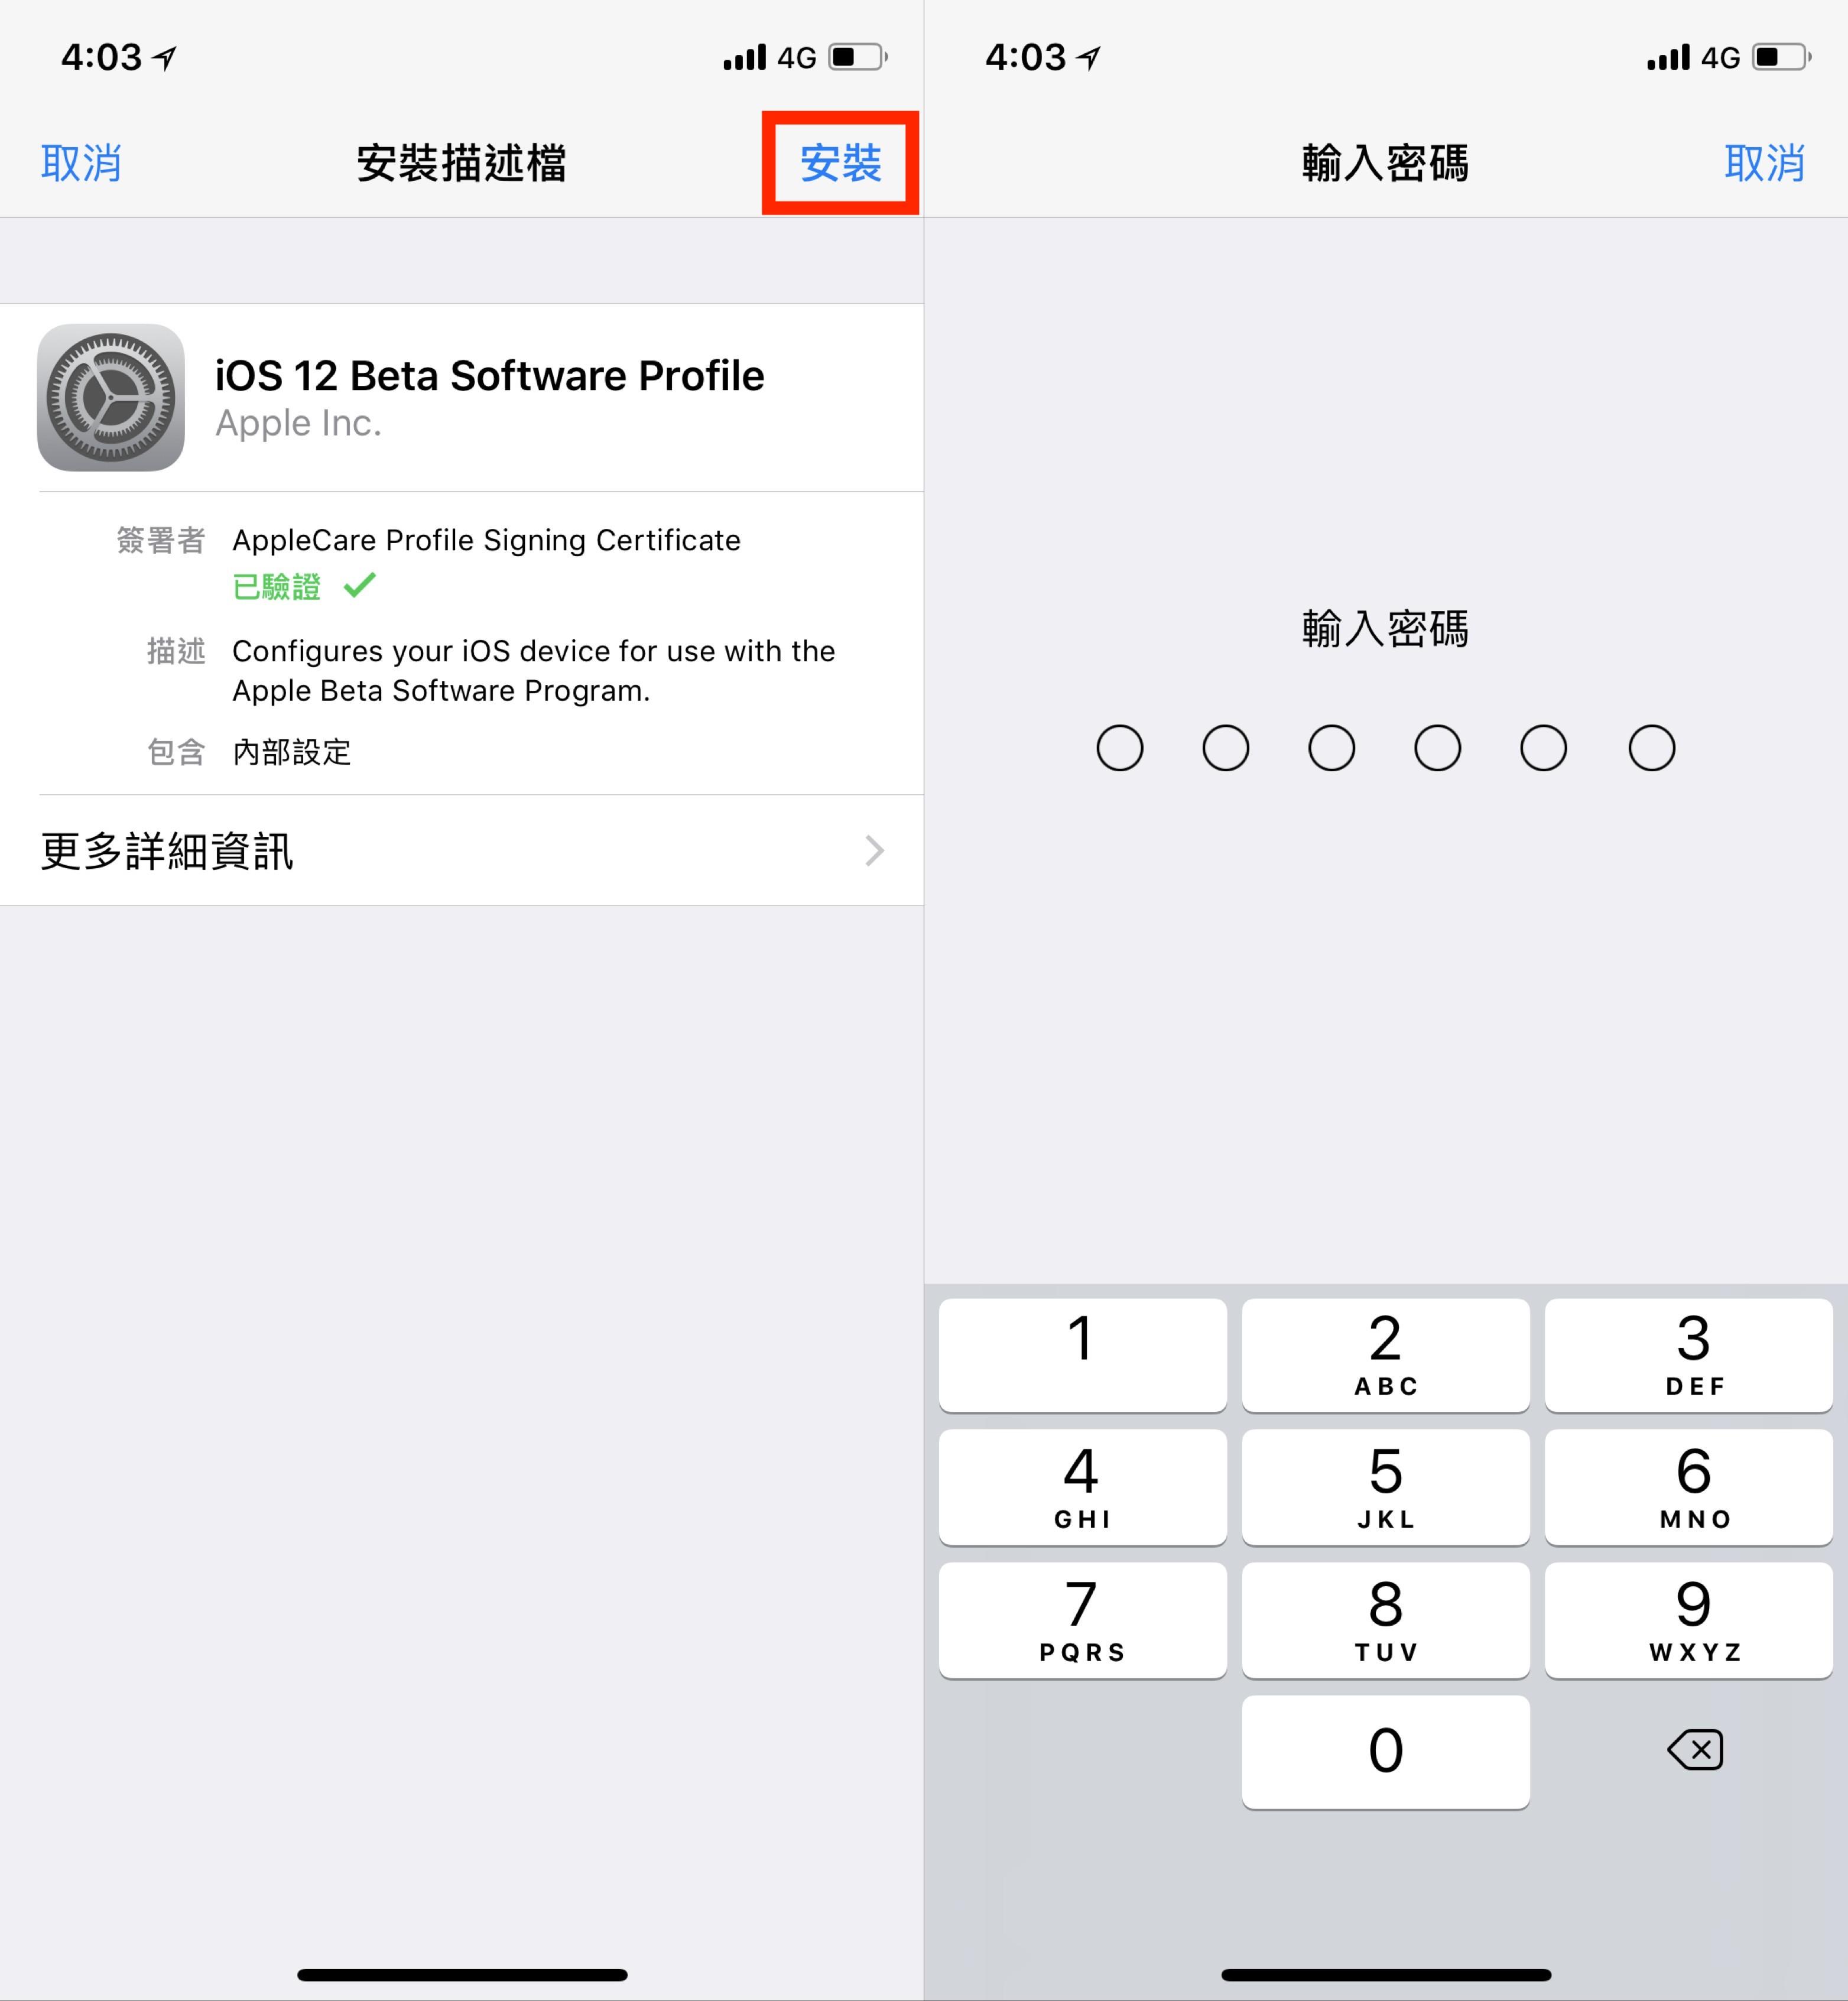 搶先體驗 iOS 12 無需開發者帳號也可以升級 4